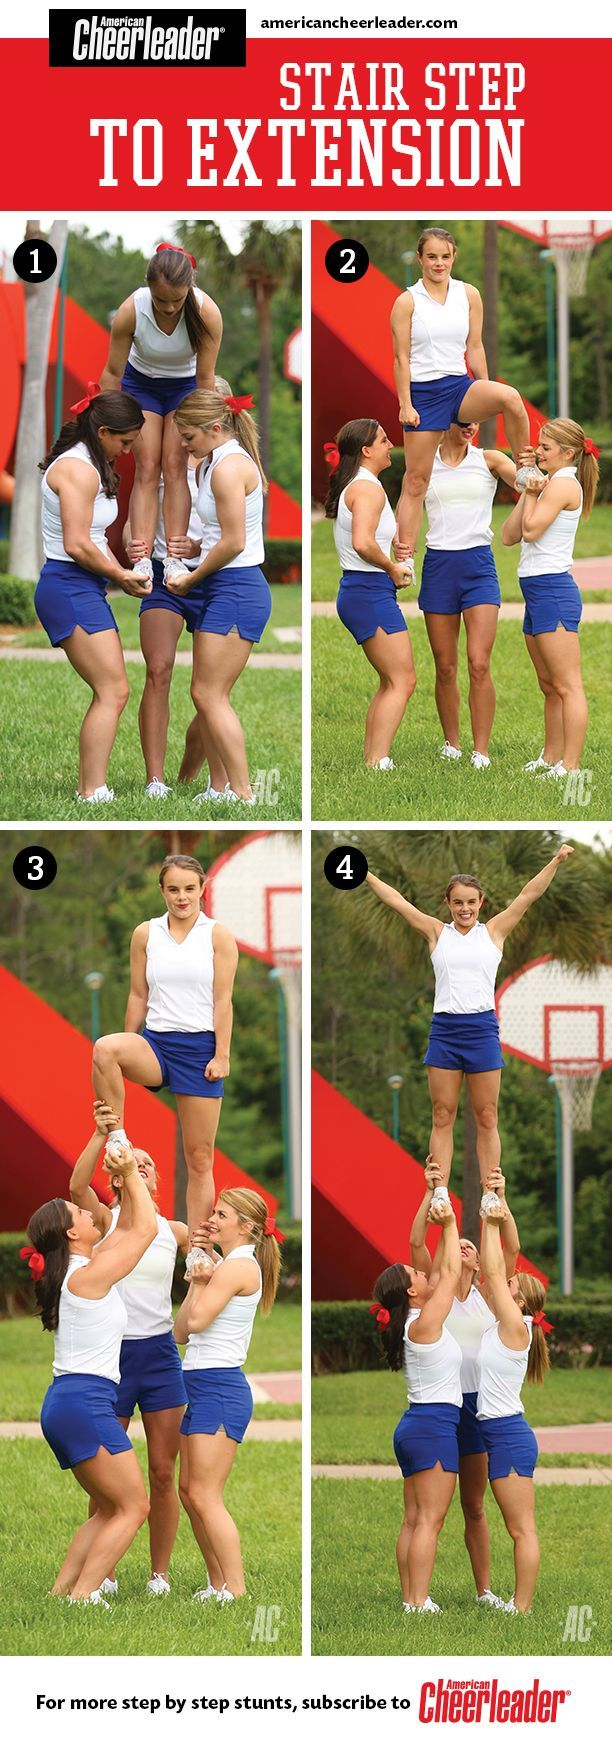 best cheerchants images on Pinterest  Cheer dance Cheerleading